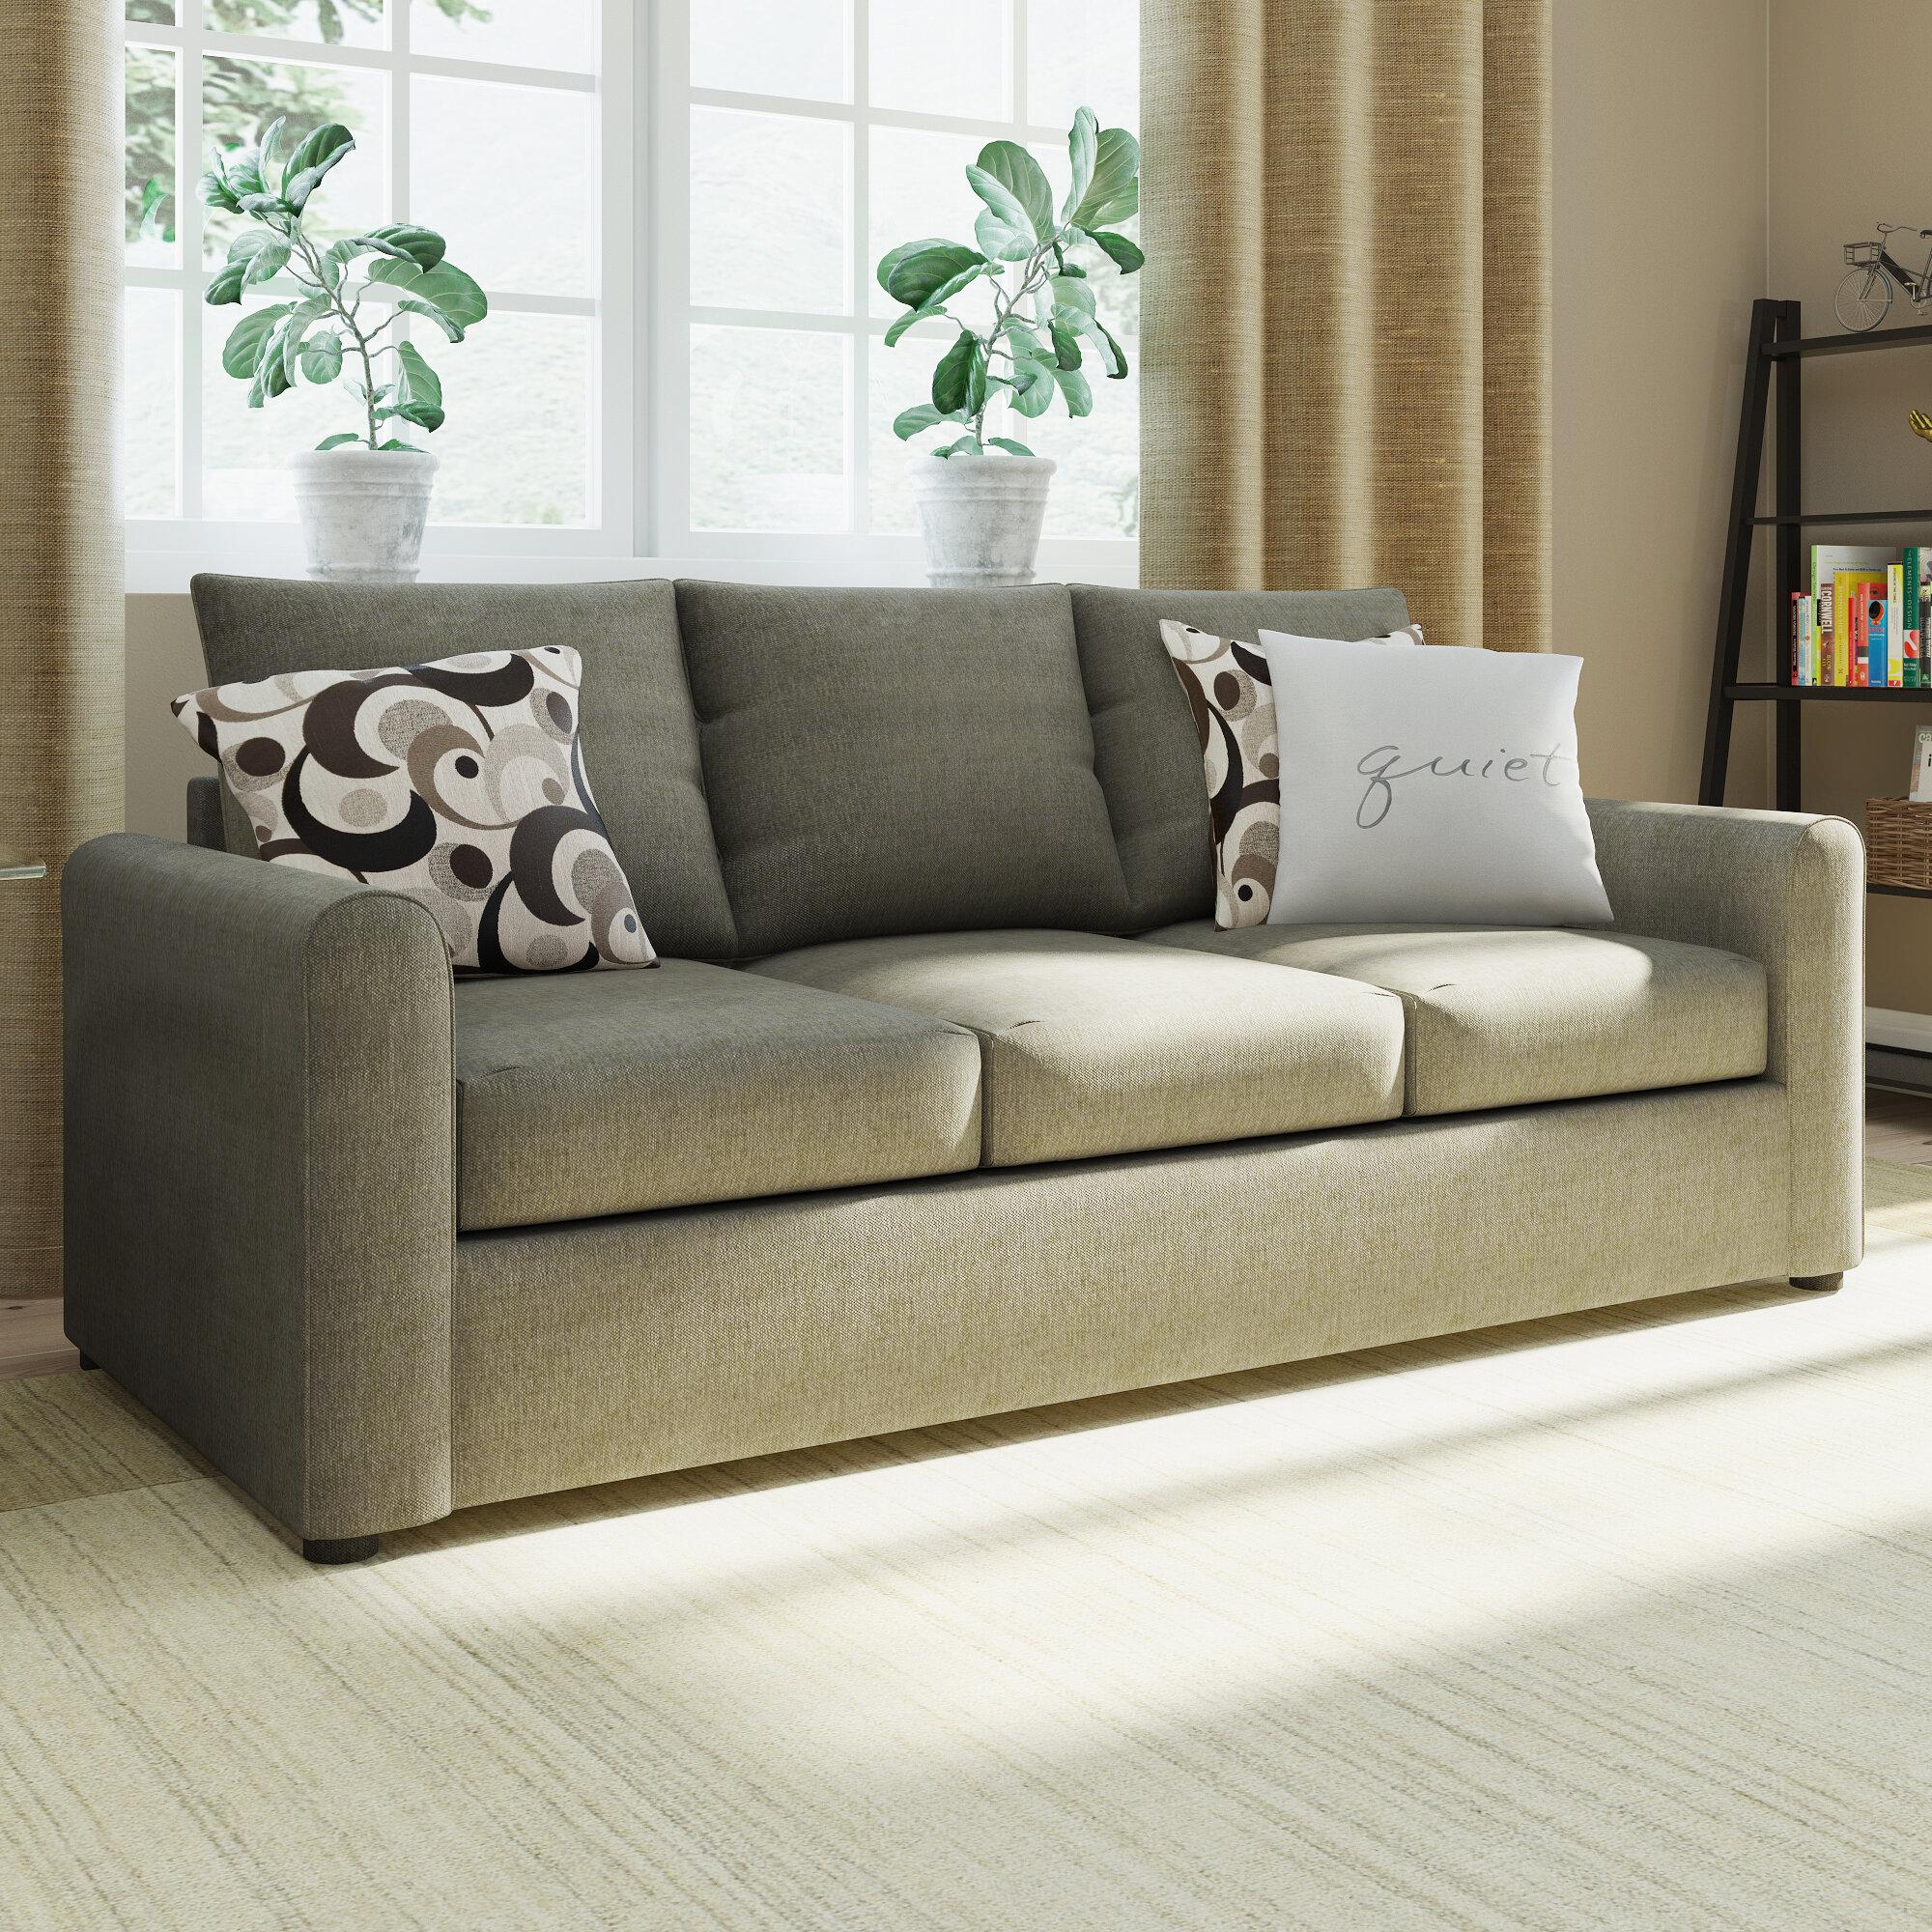 Sofa Atlanta: reviews, model review, manufacturer 18